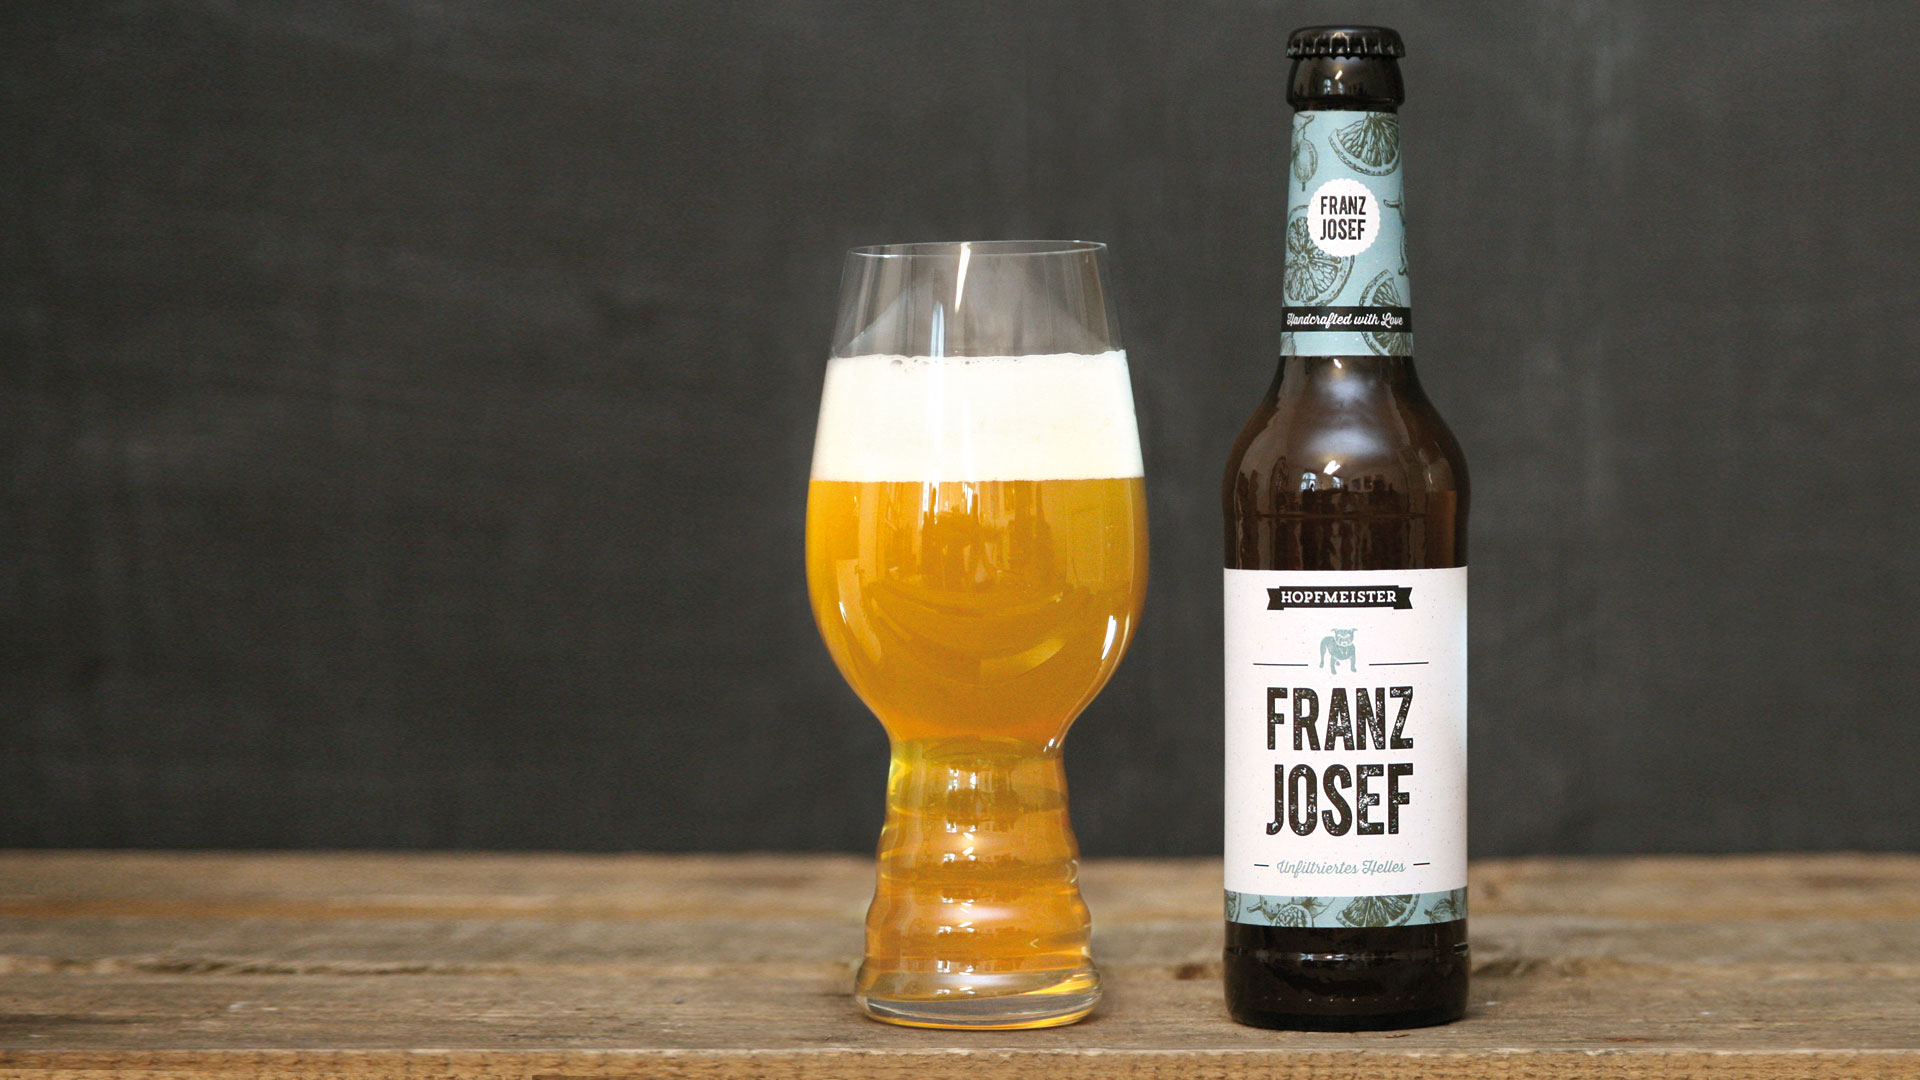 Hopfmeister Franz Josef Bier im Glas